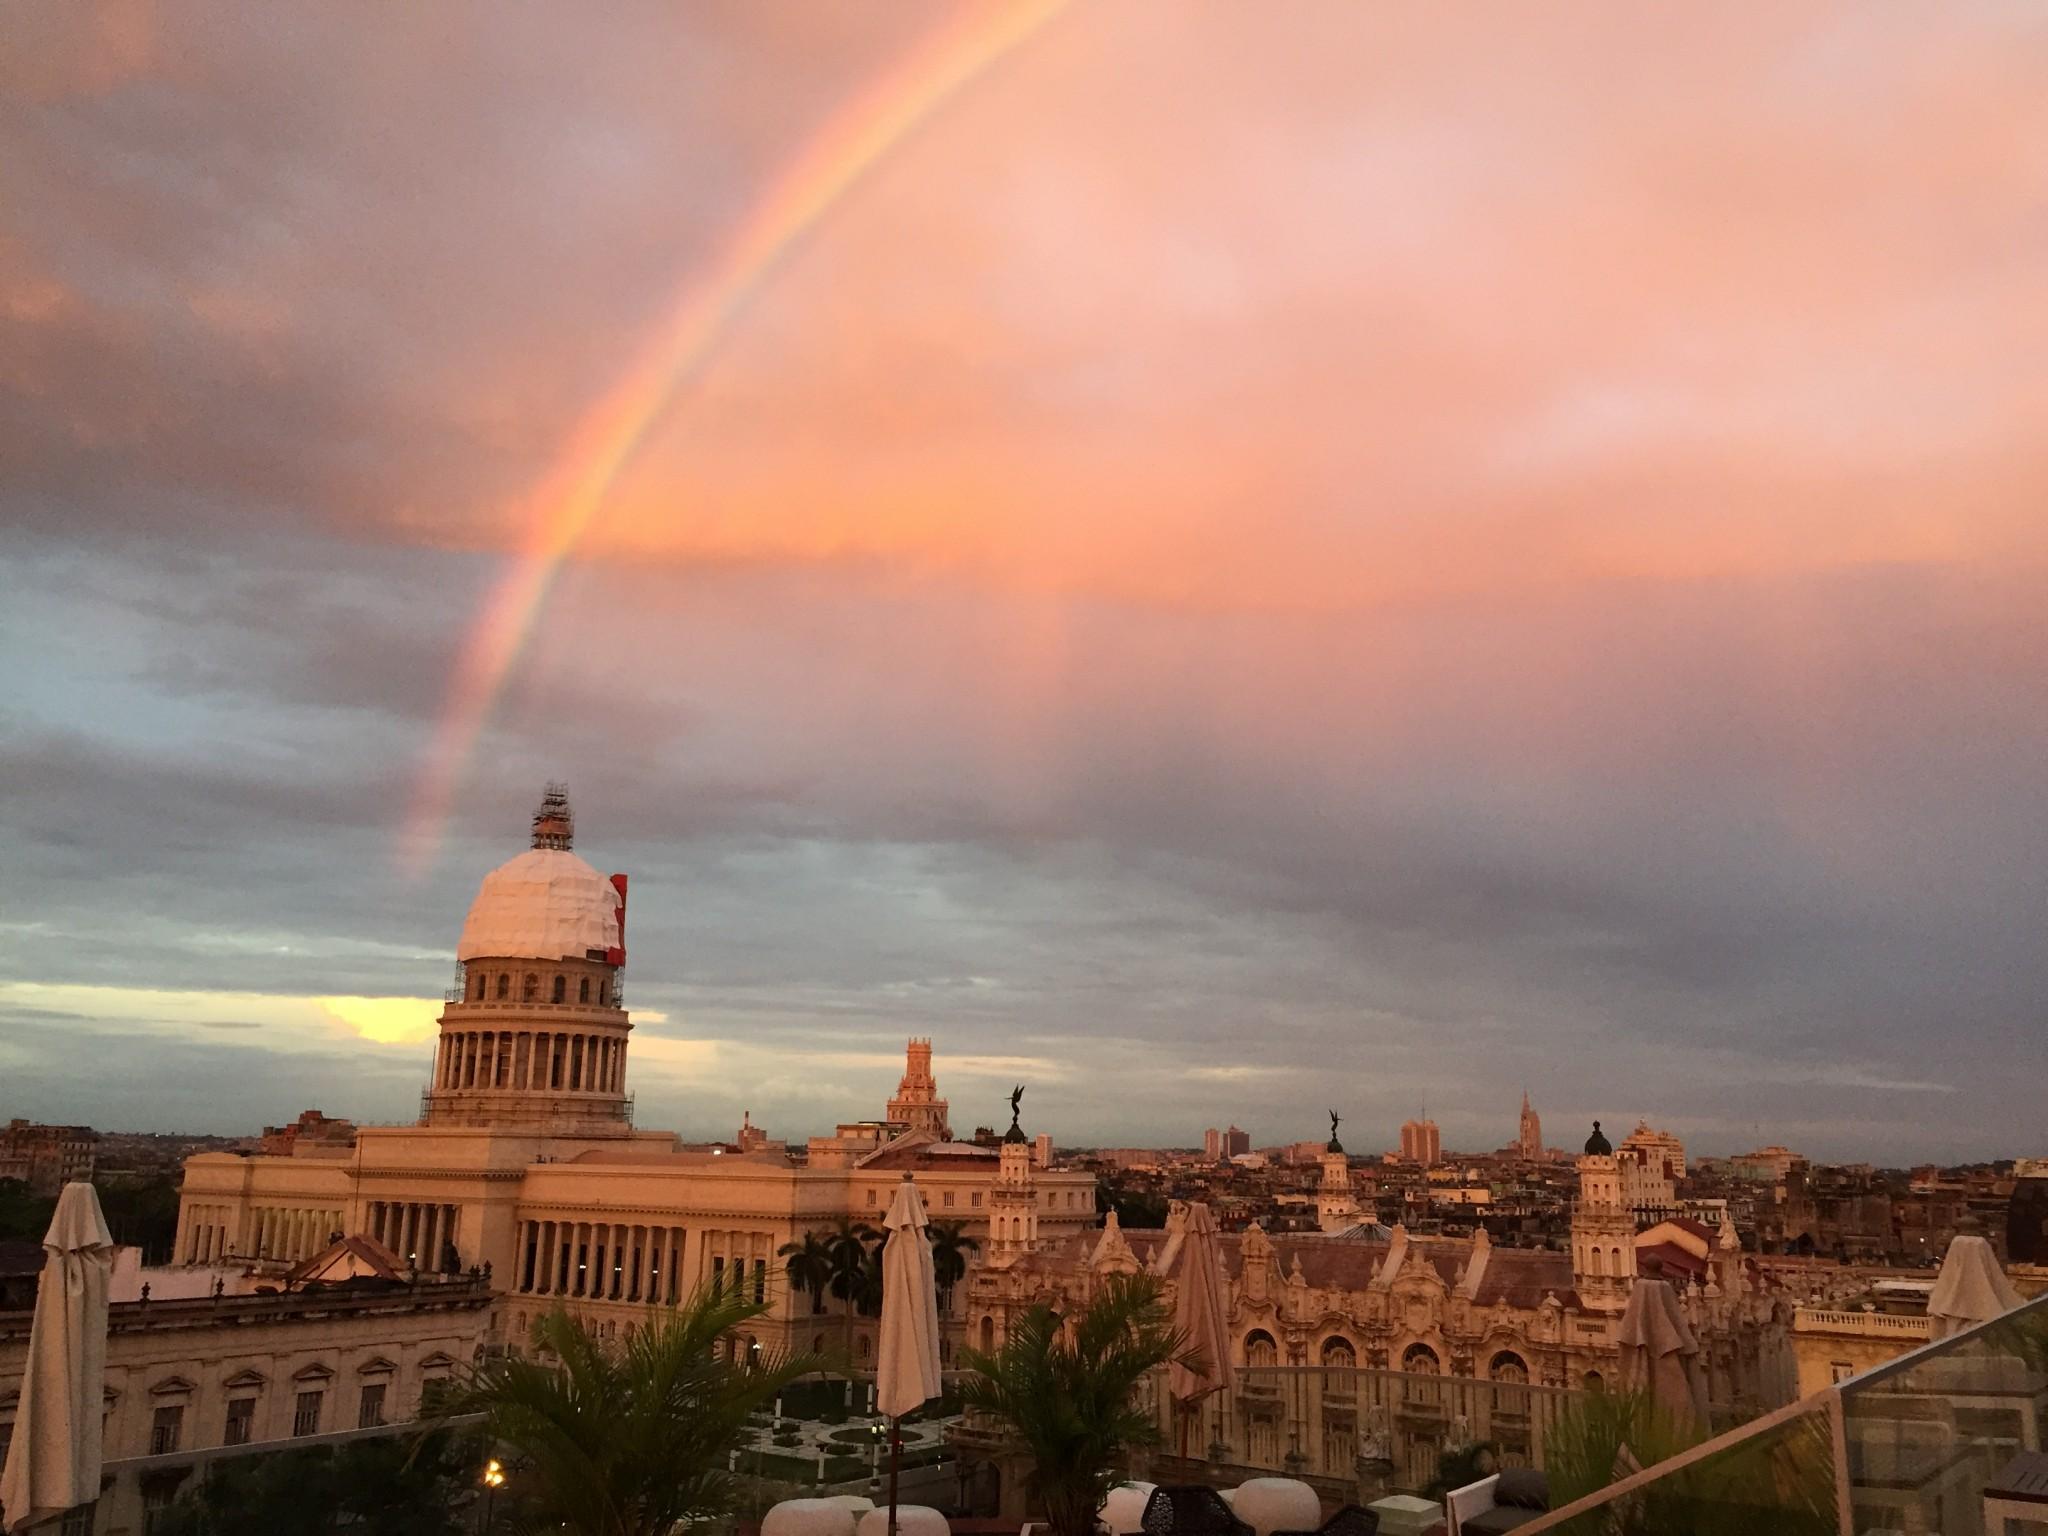 Kuba-Havanna-Regenbogen über dem Kapitol